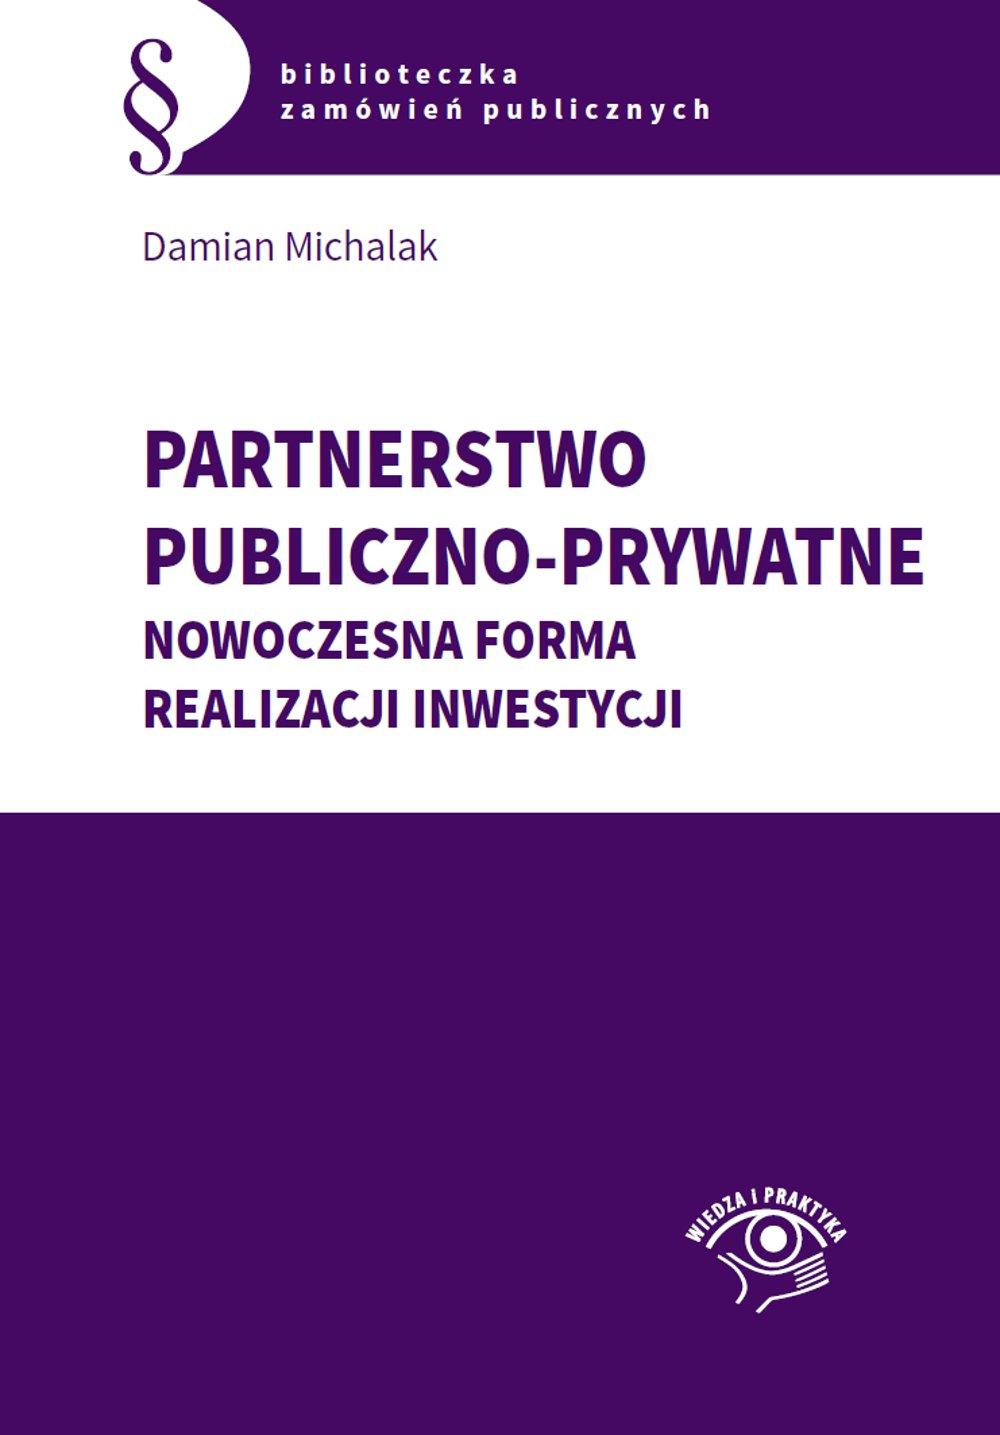 Partnerstwo publiczno-prywatne. Nowoczesna forma realizacji inwestycji - Ebook (Książka PDF) do pobrania w formacie PDF